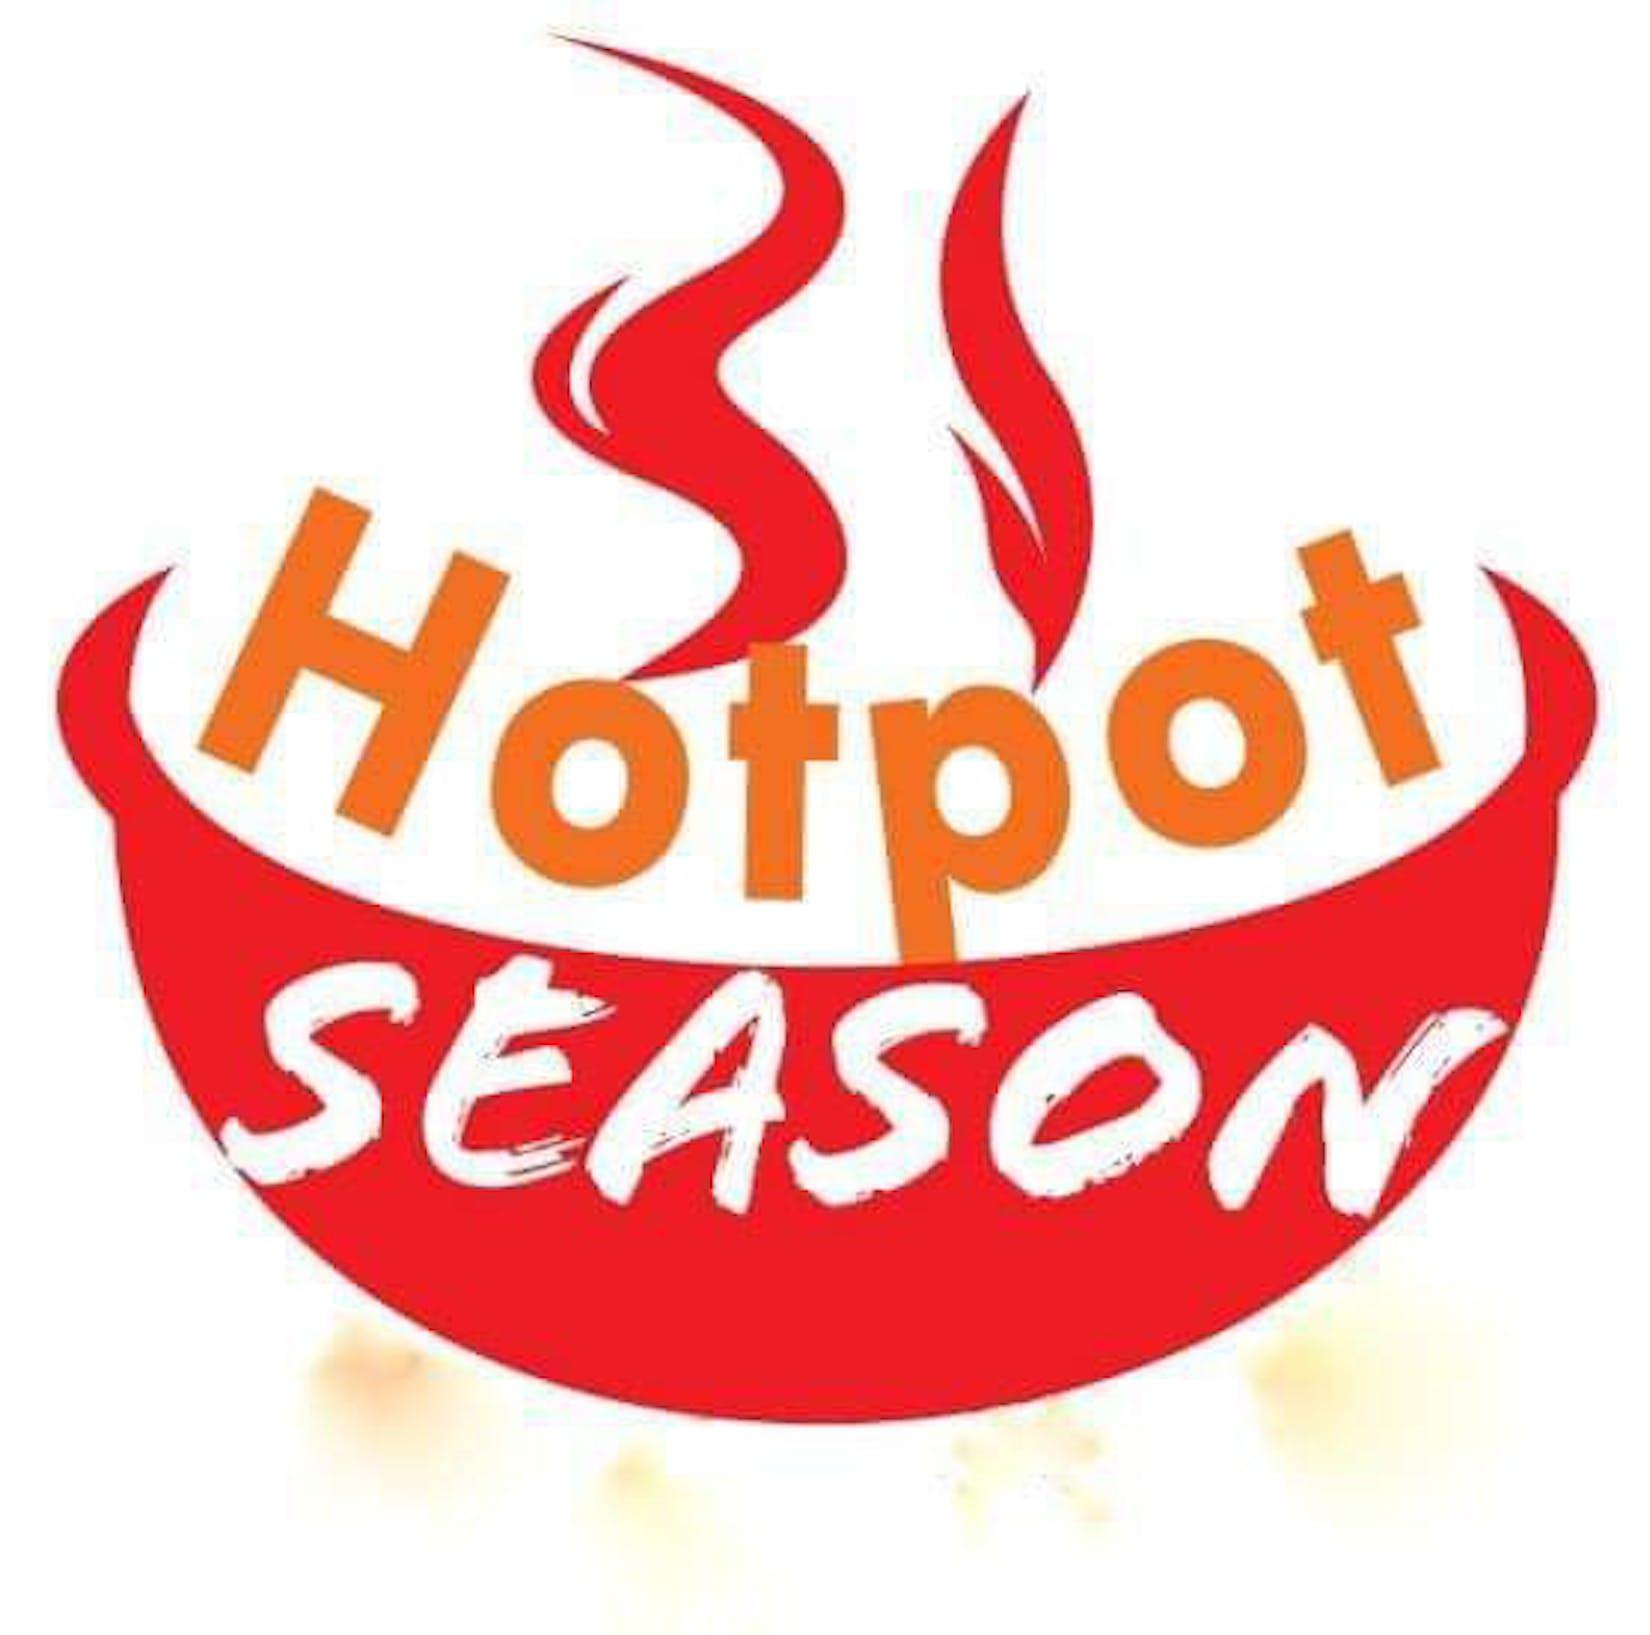 Hotpot Season   yathar